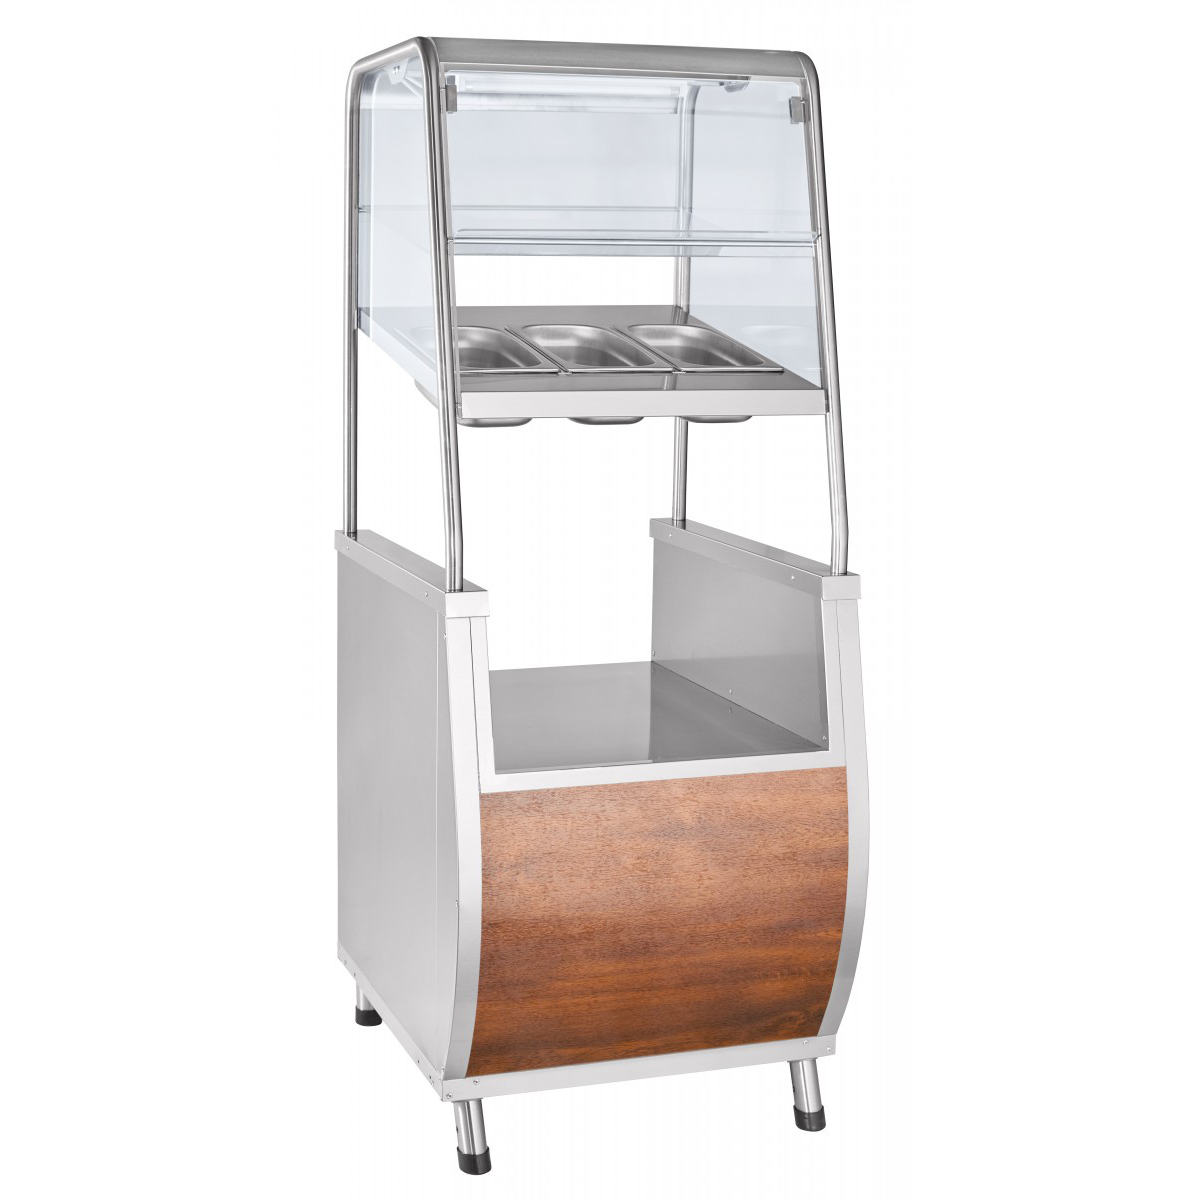 Прилавок для столовых приборов ЧувашТоргТехника ПСПХ-70Т с хлебницей